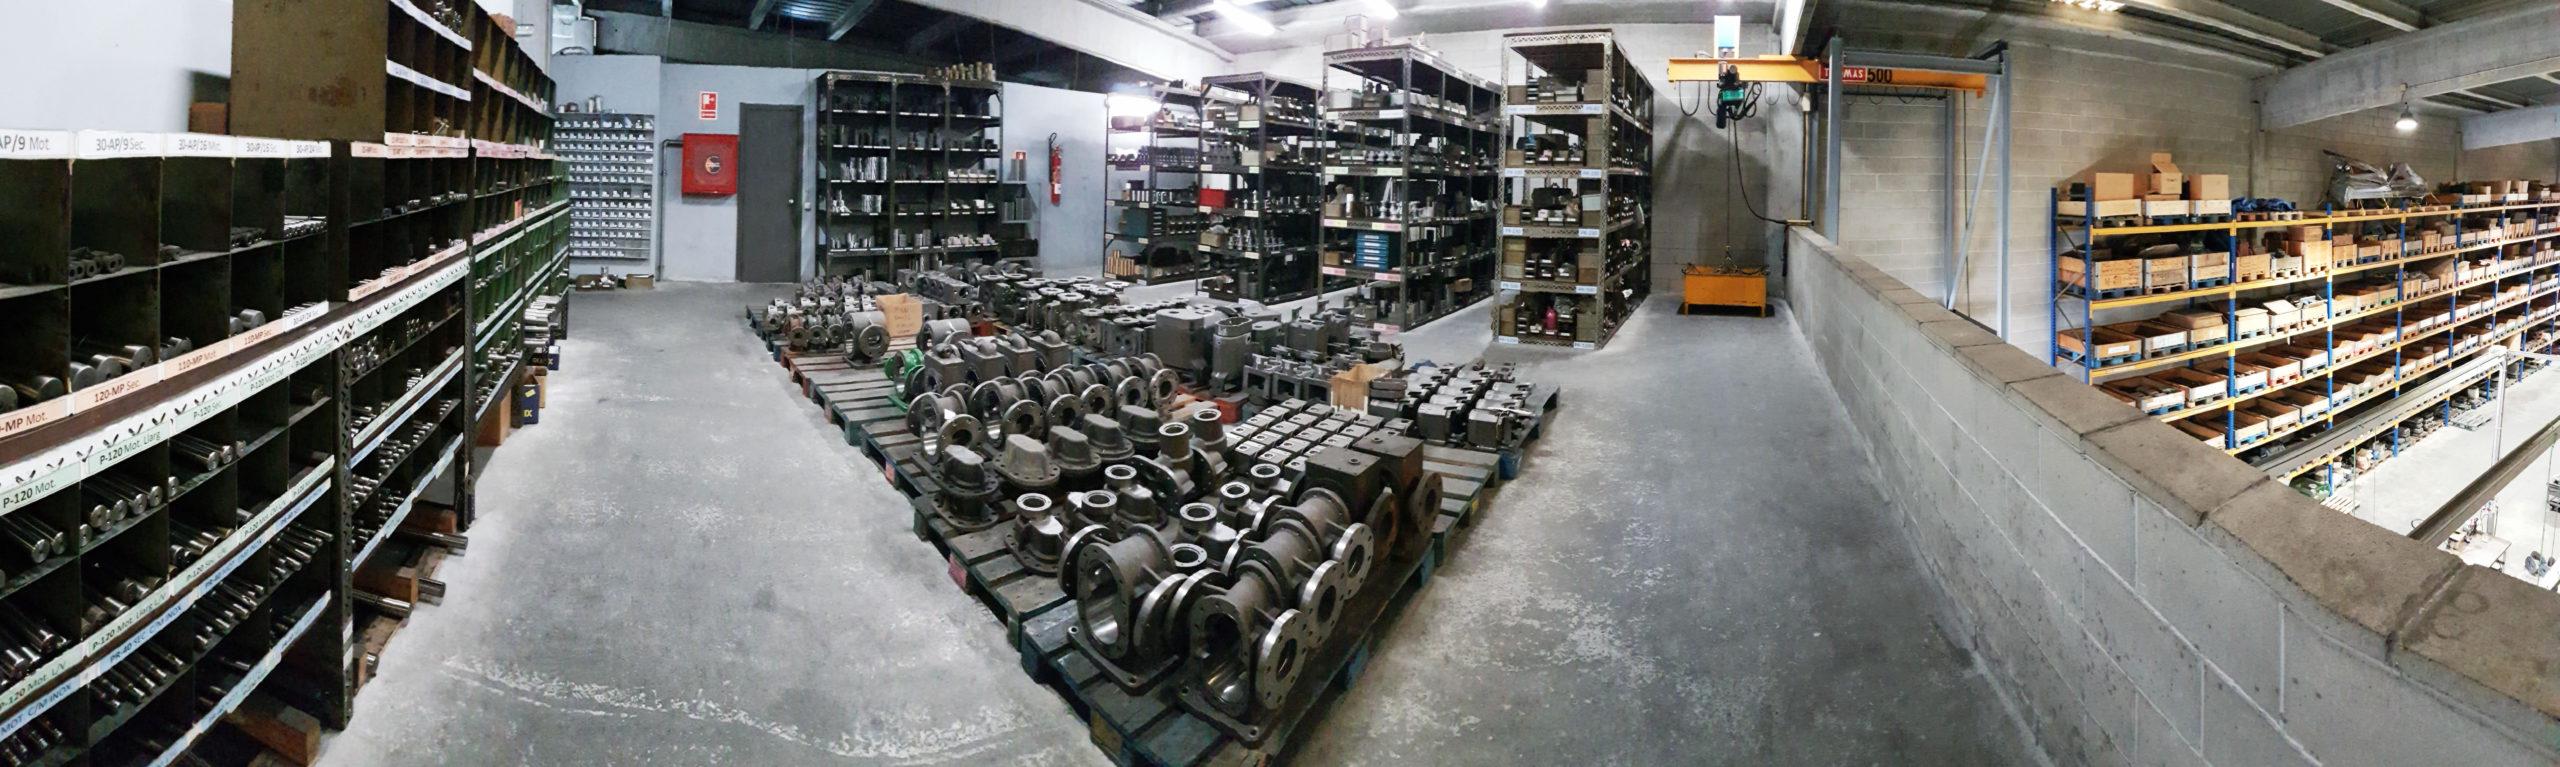 Talleres Pujol. Fabricante bombas voluméstricas